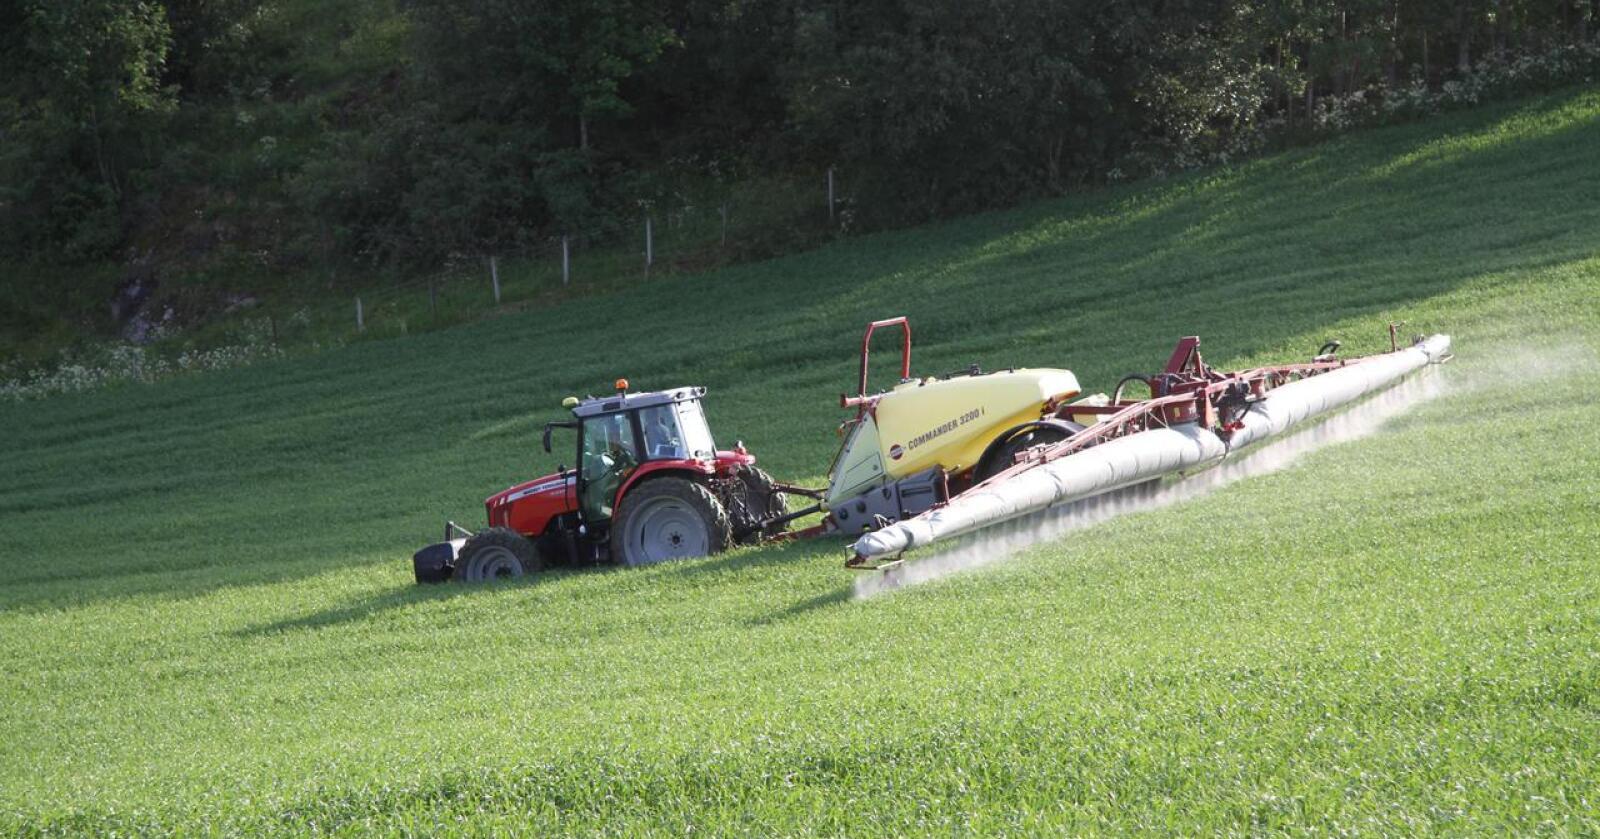 BEGRENSE: Et av prinsippene for integrert plantevern er at man skal begrense bruken av plantevernmidler til færrest mulig behandlinger og minst mulig dose. Arkivfoto: Norsk Landbruk